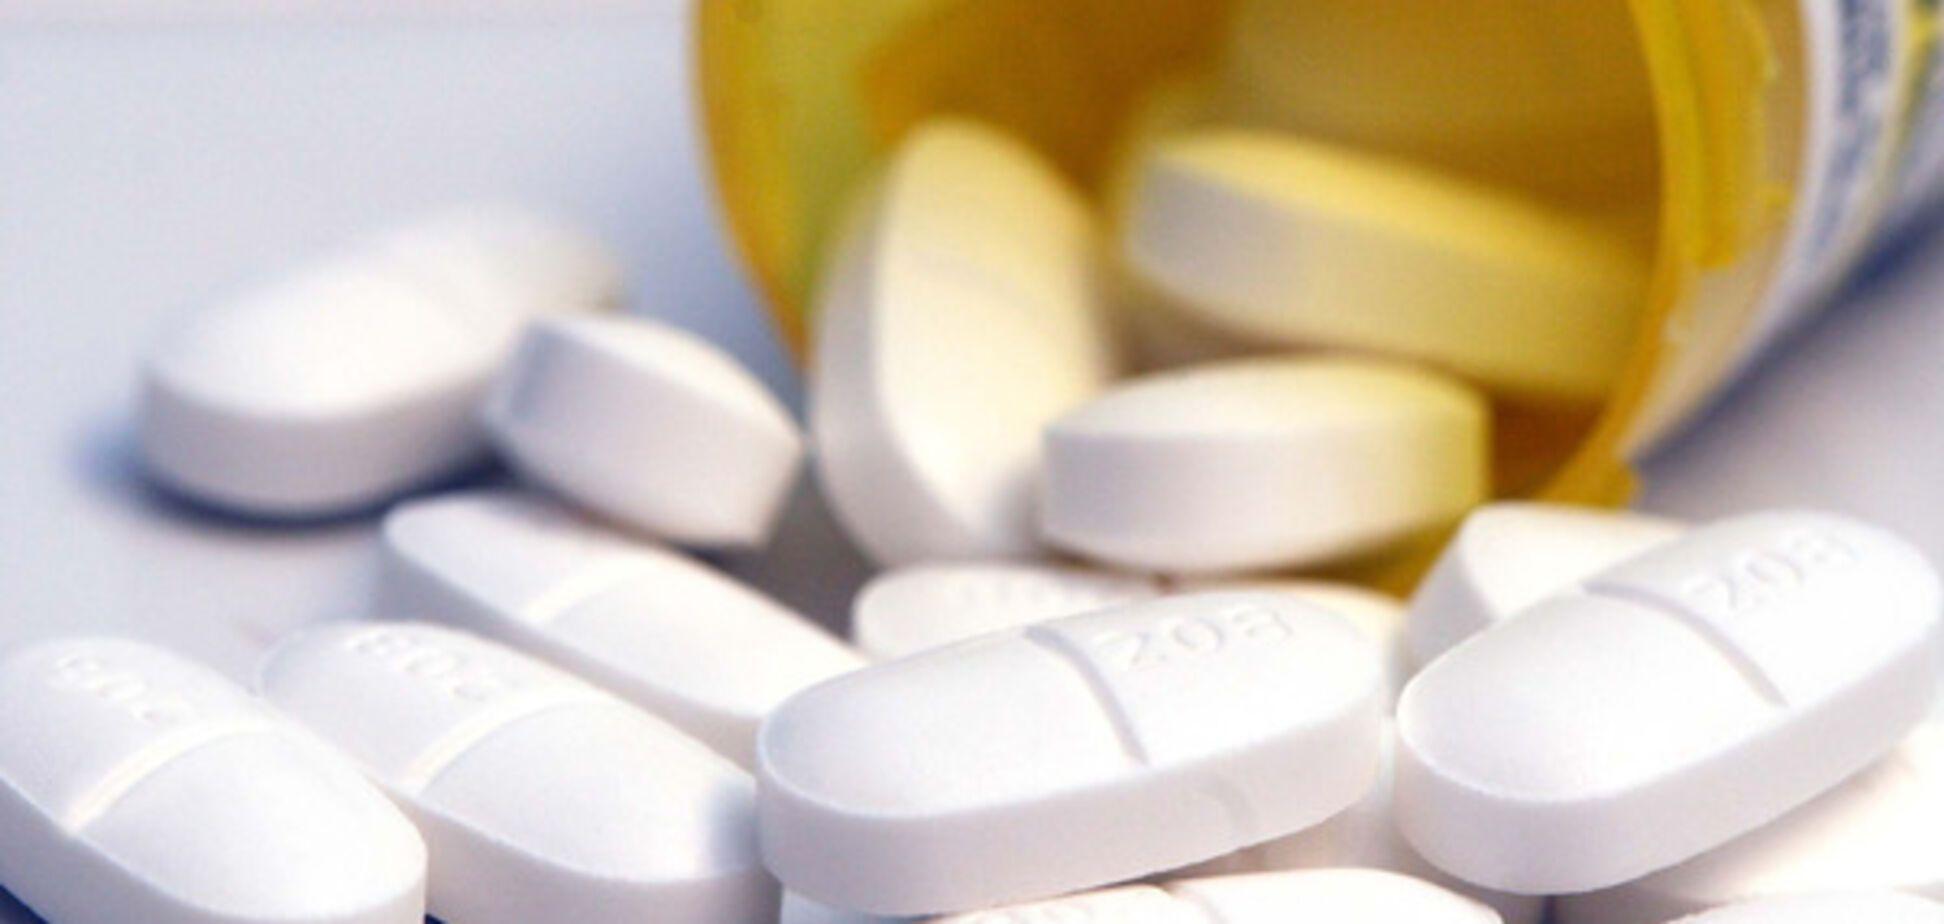 Искалечены судьбы: медики рассказали, какой наркотик гробит киевлян